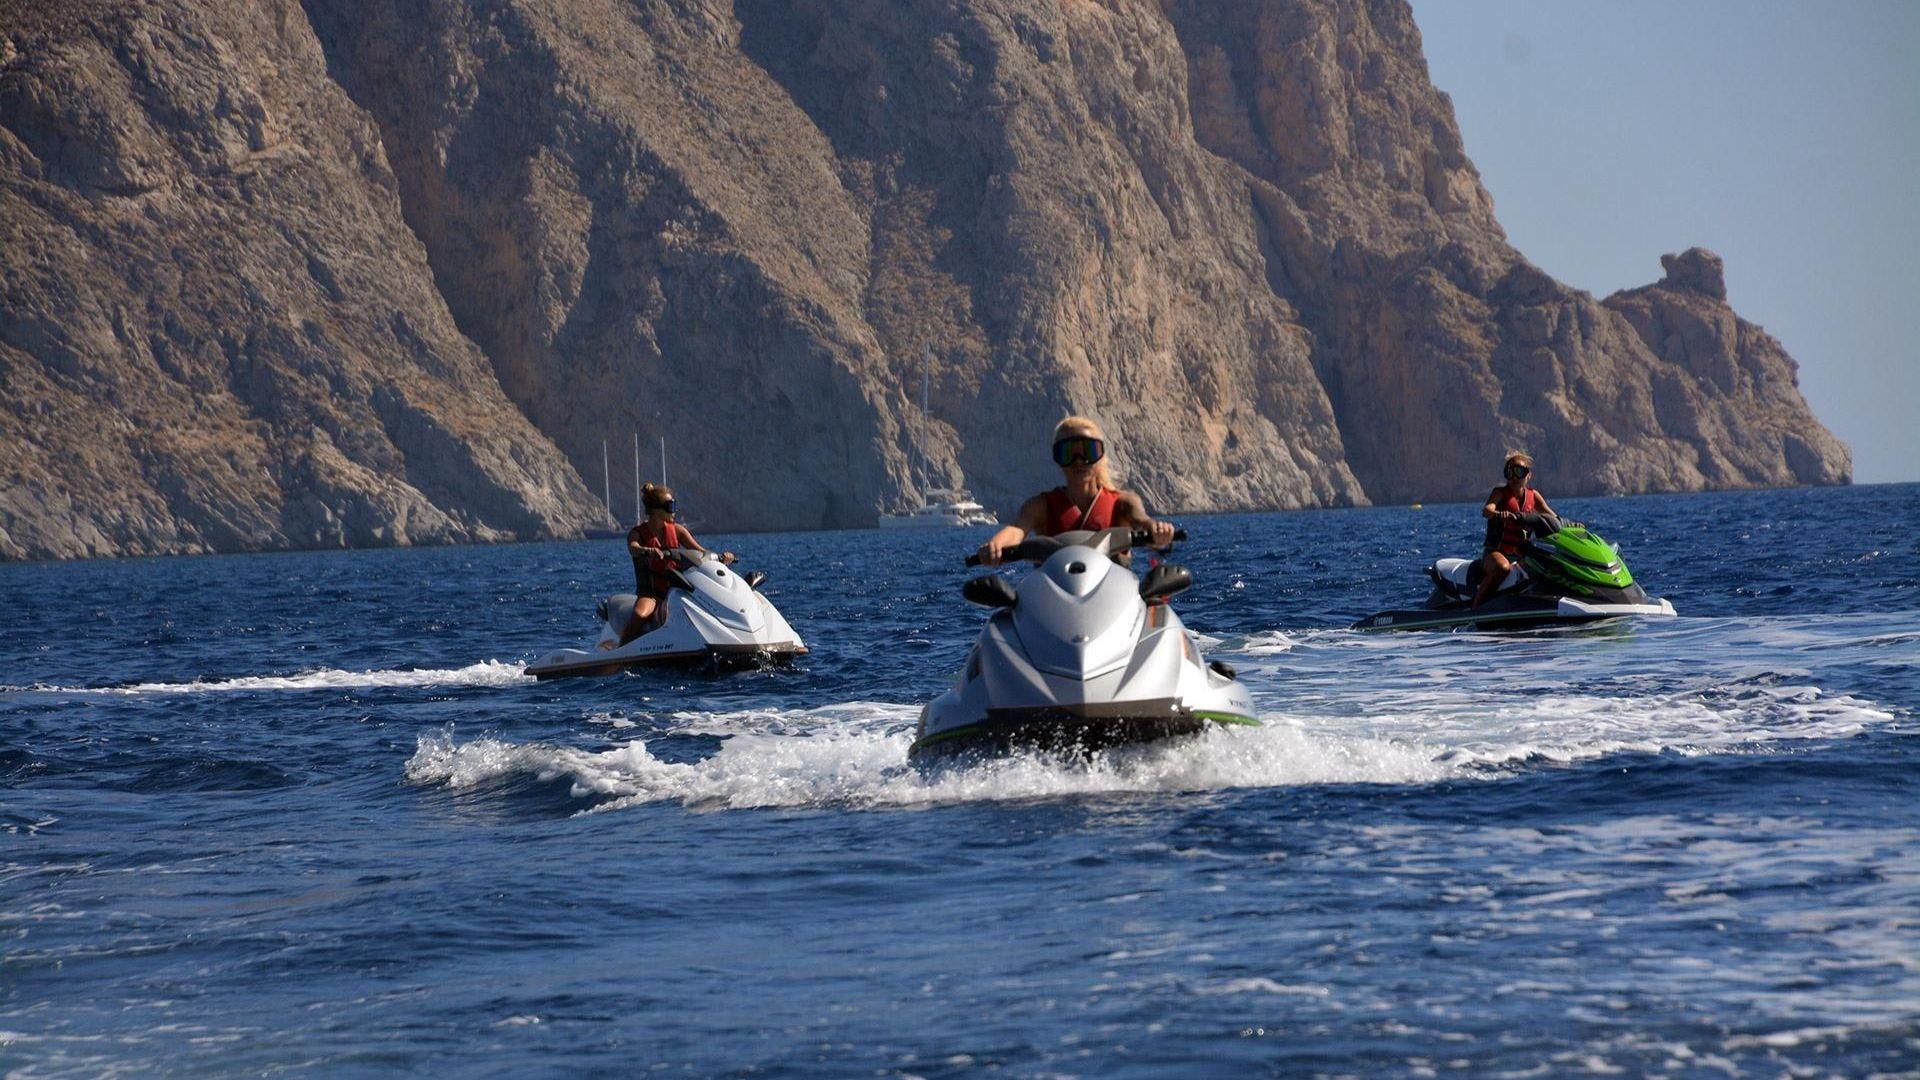 Tours in Santorini - Jet Ski